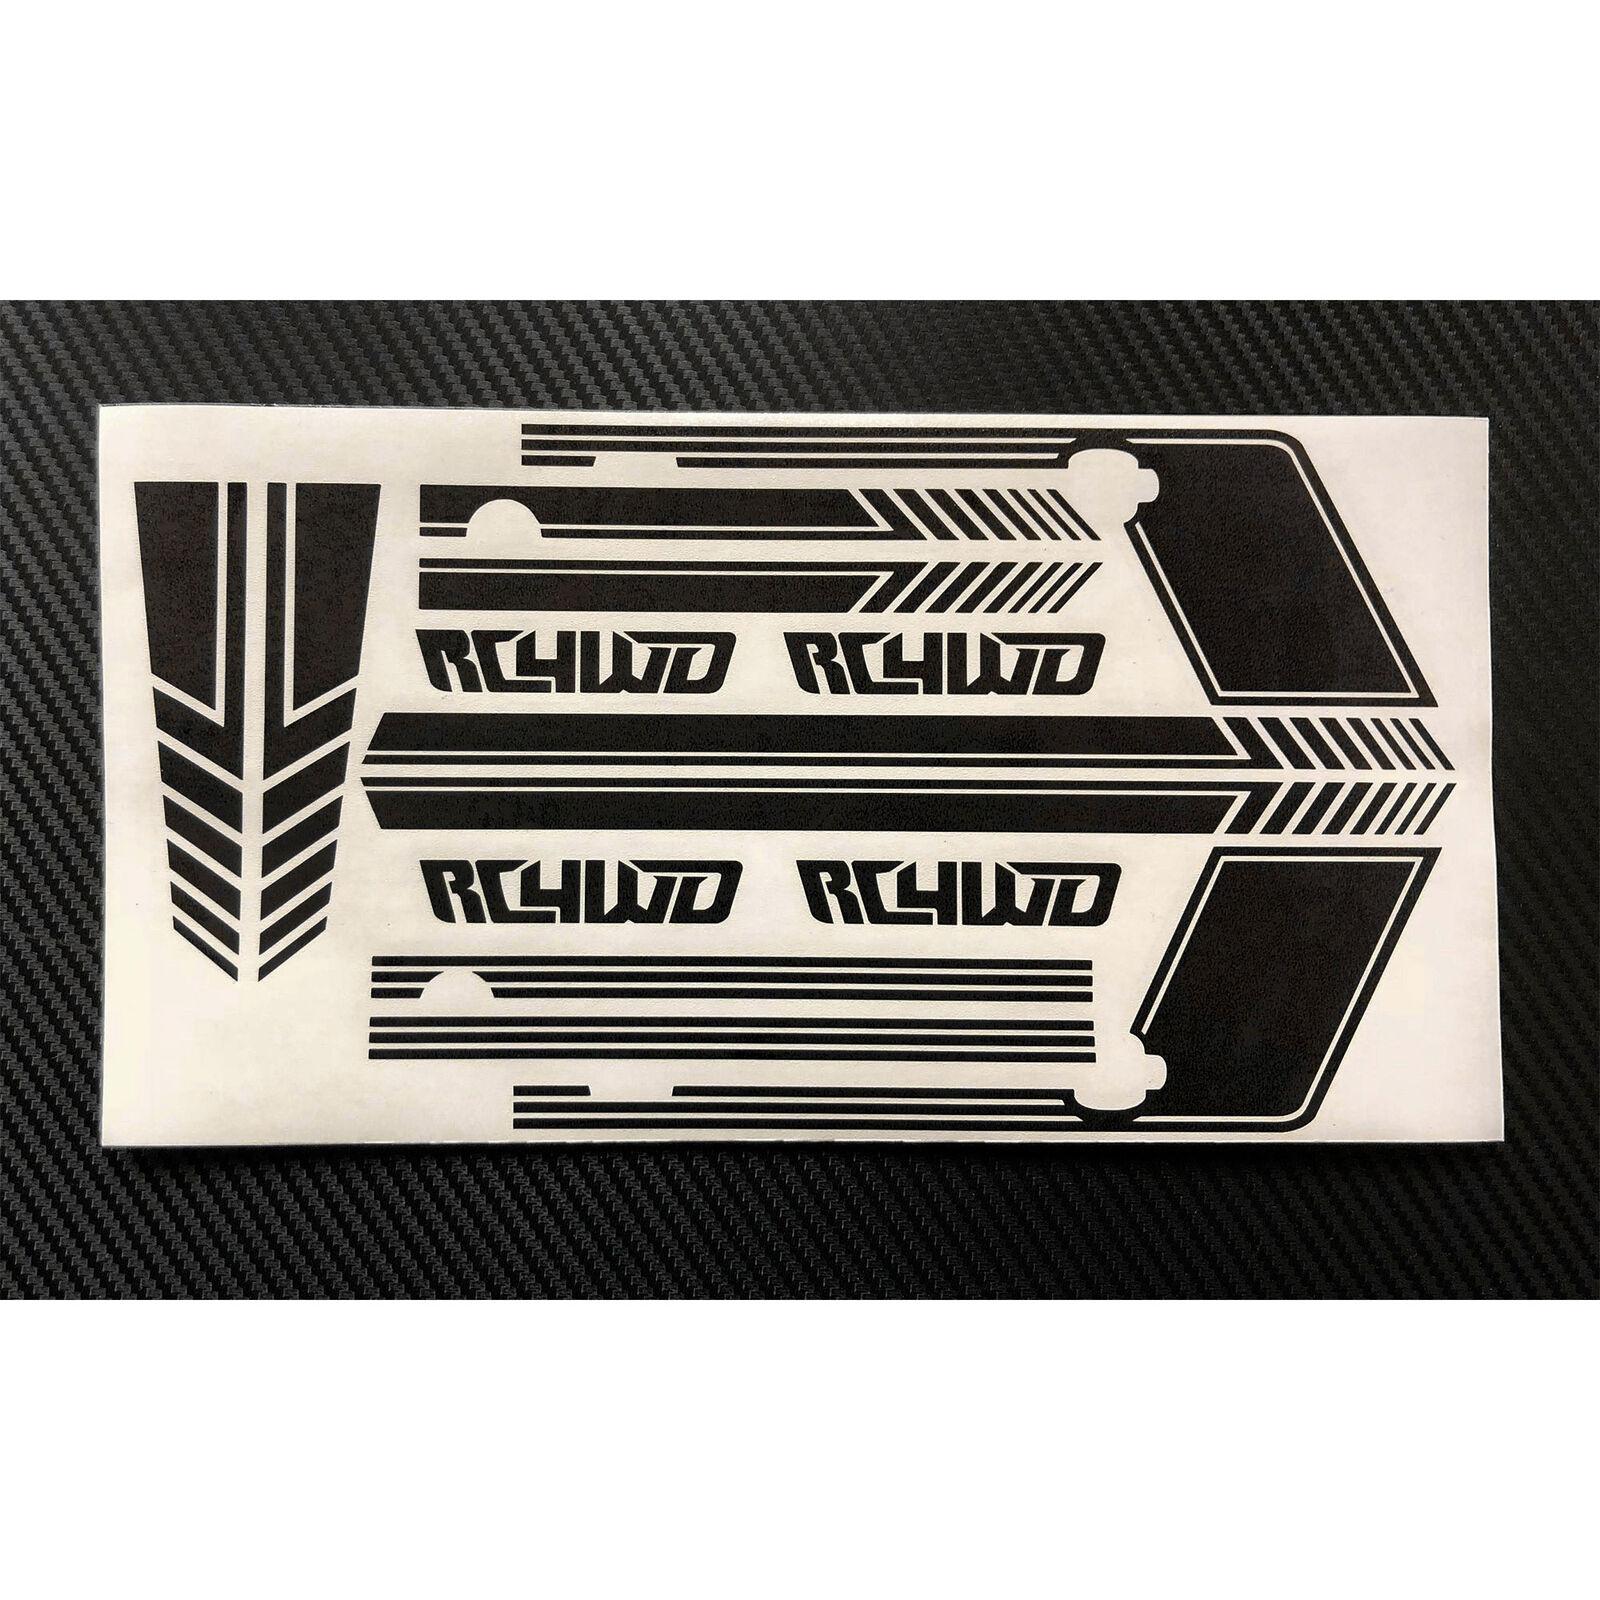 Clean Stripes Decal Sheet, Black: D110